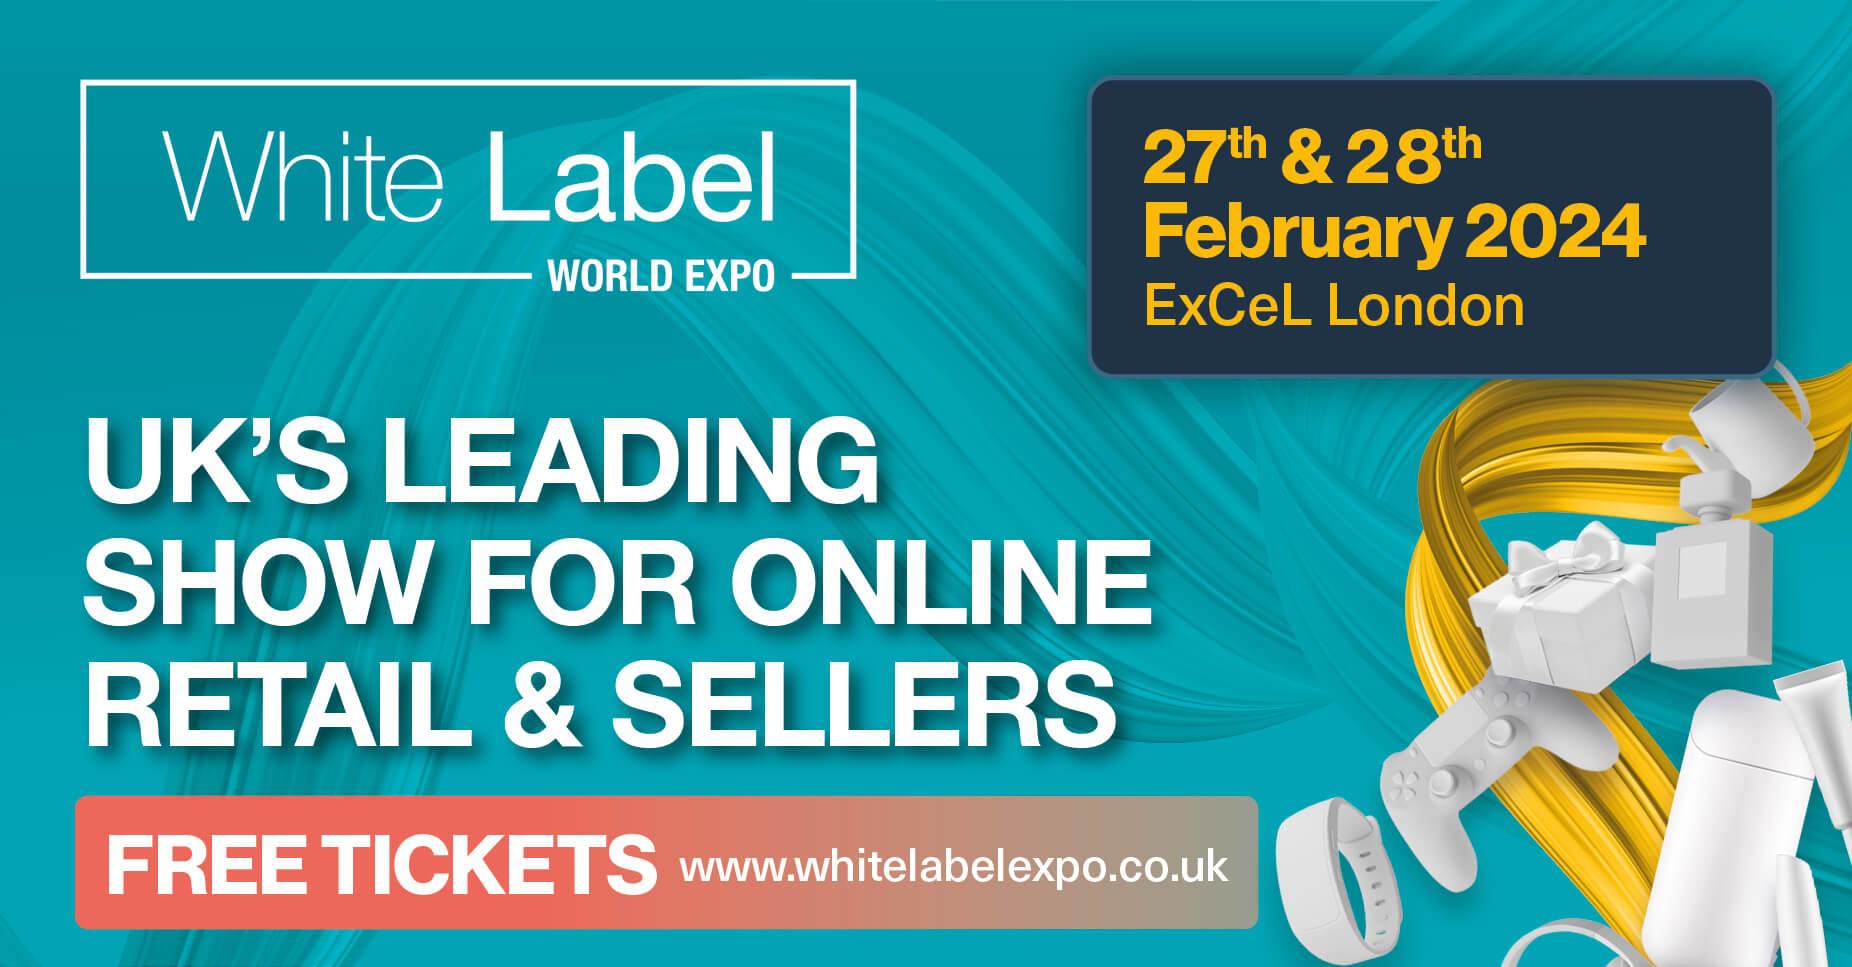 White Label World Expo UK, London